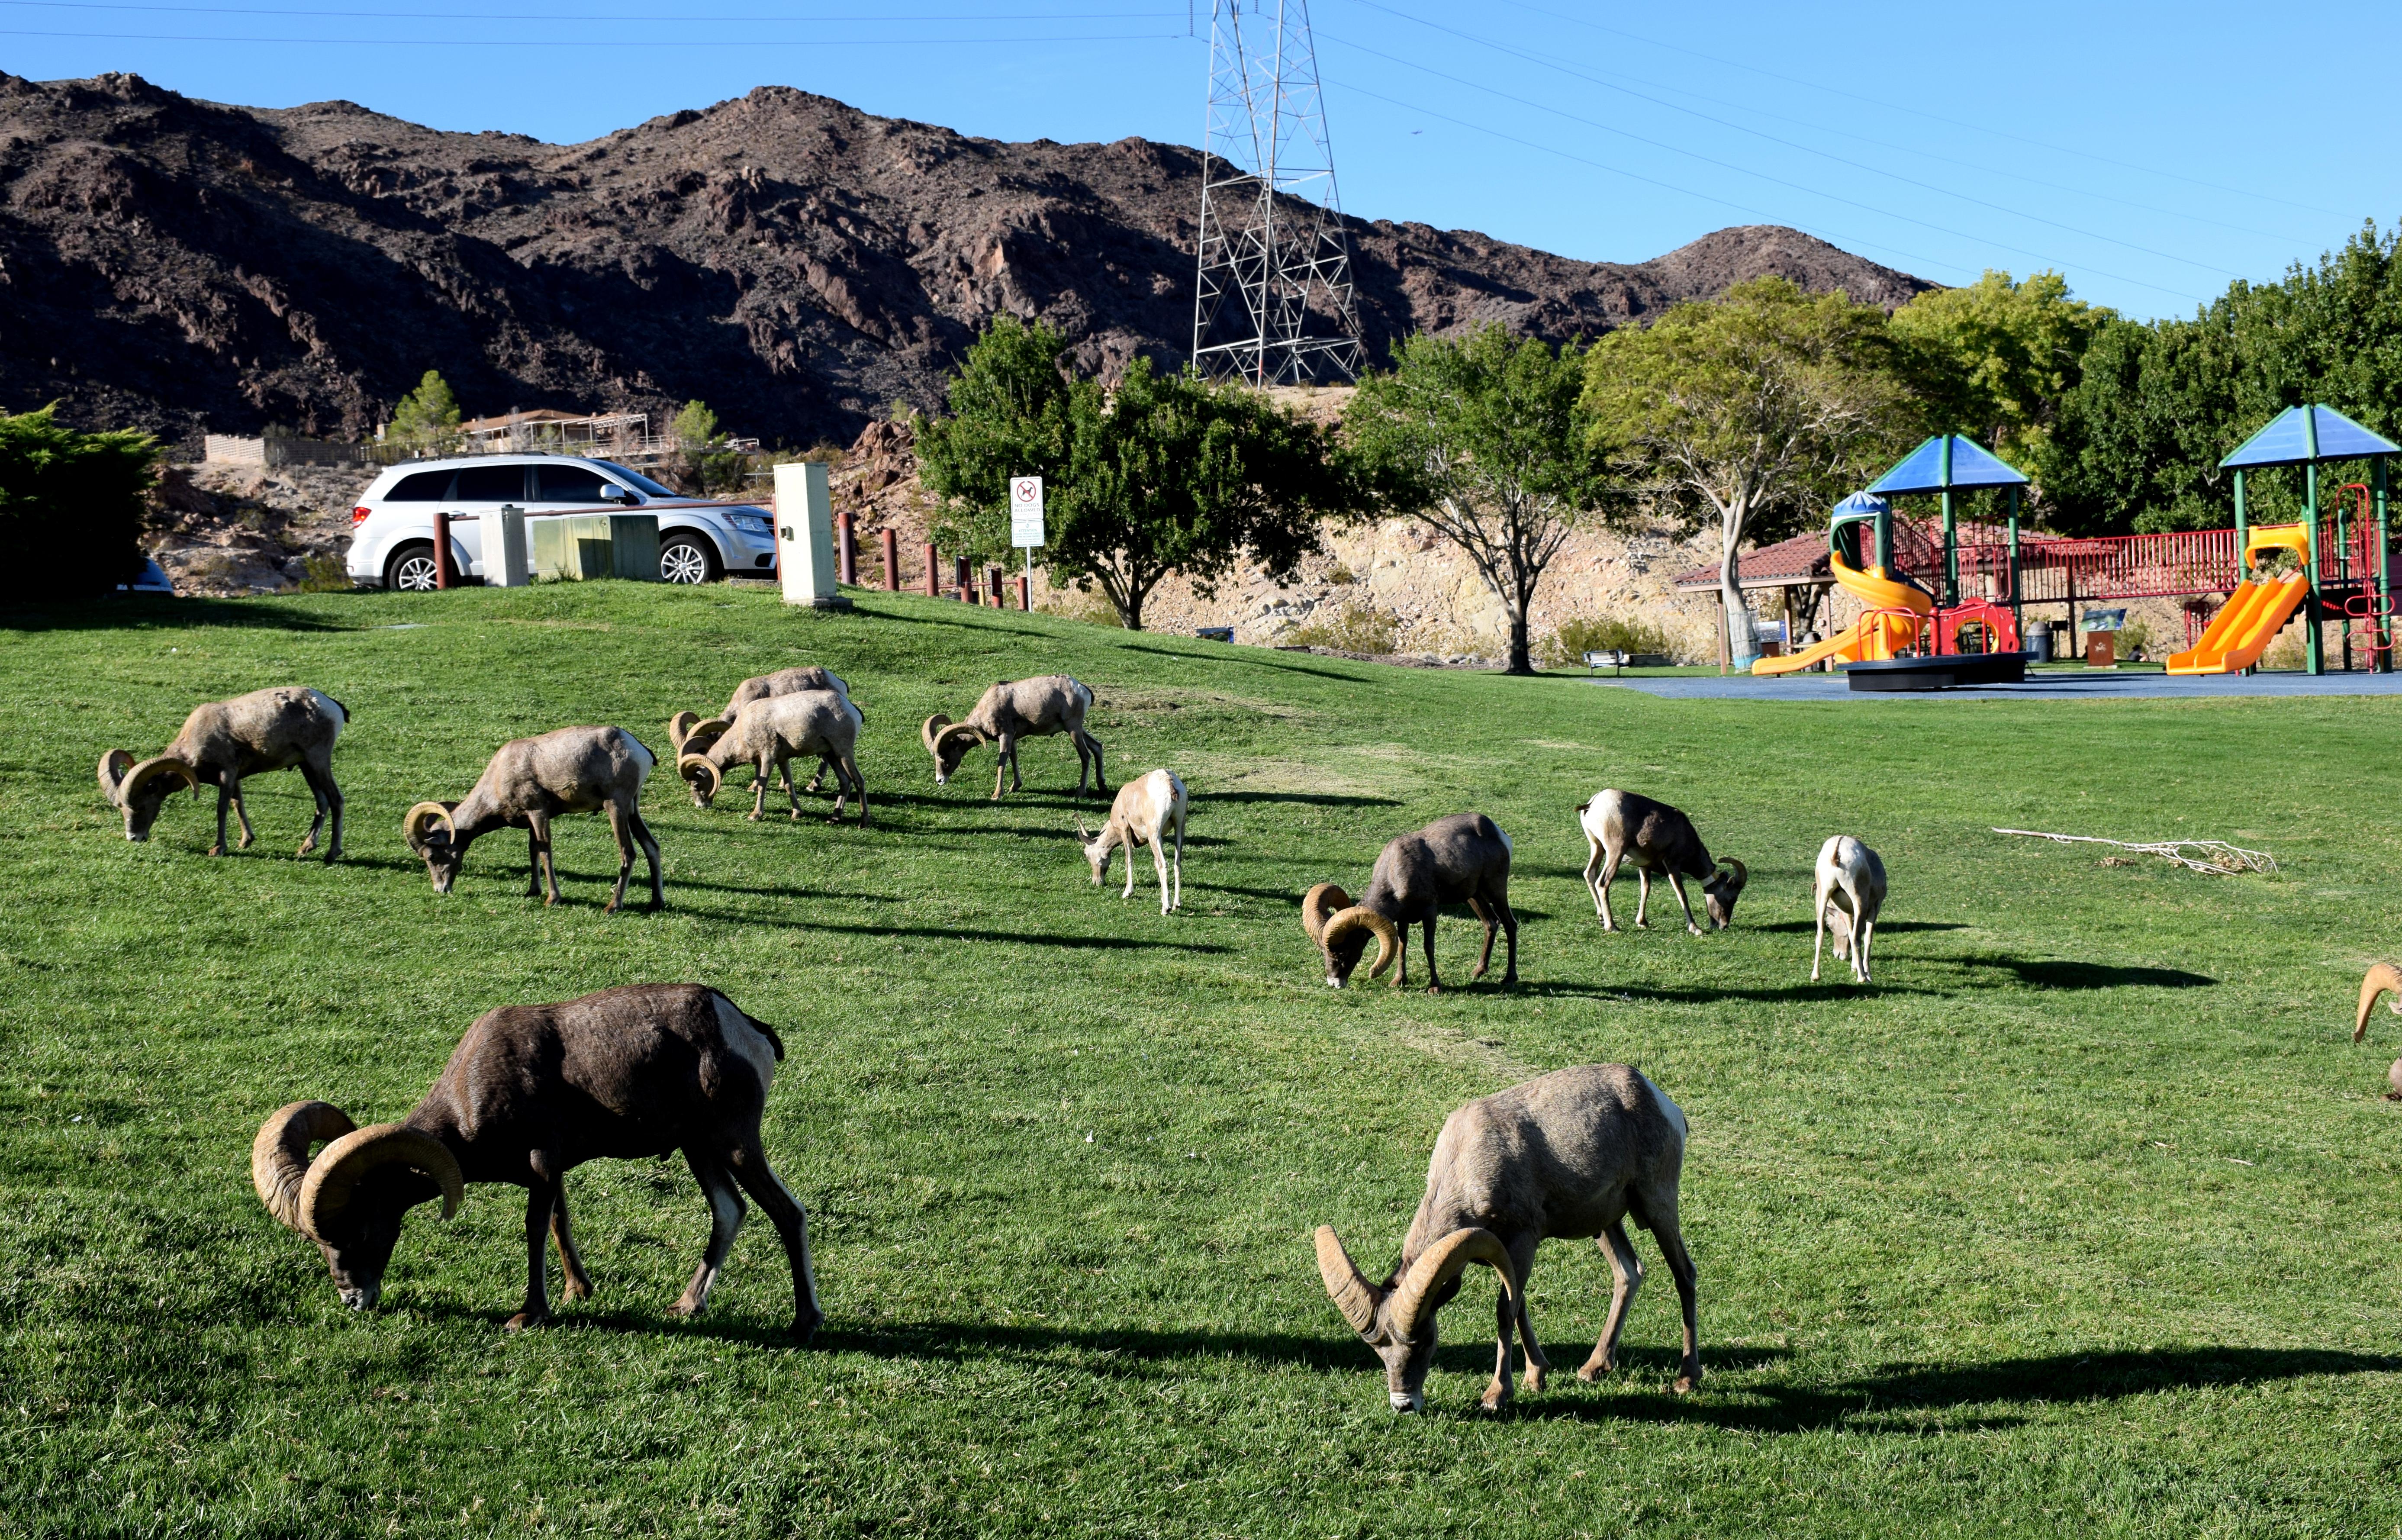 Big Horn Sheep at local park